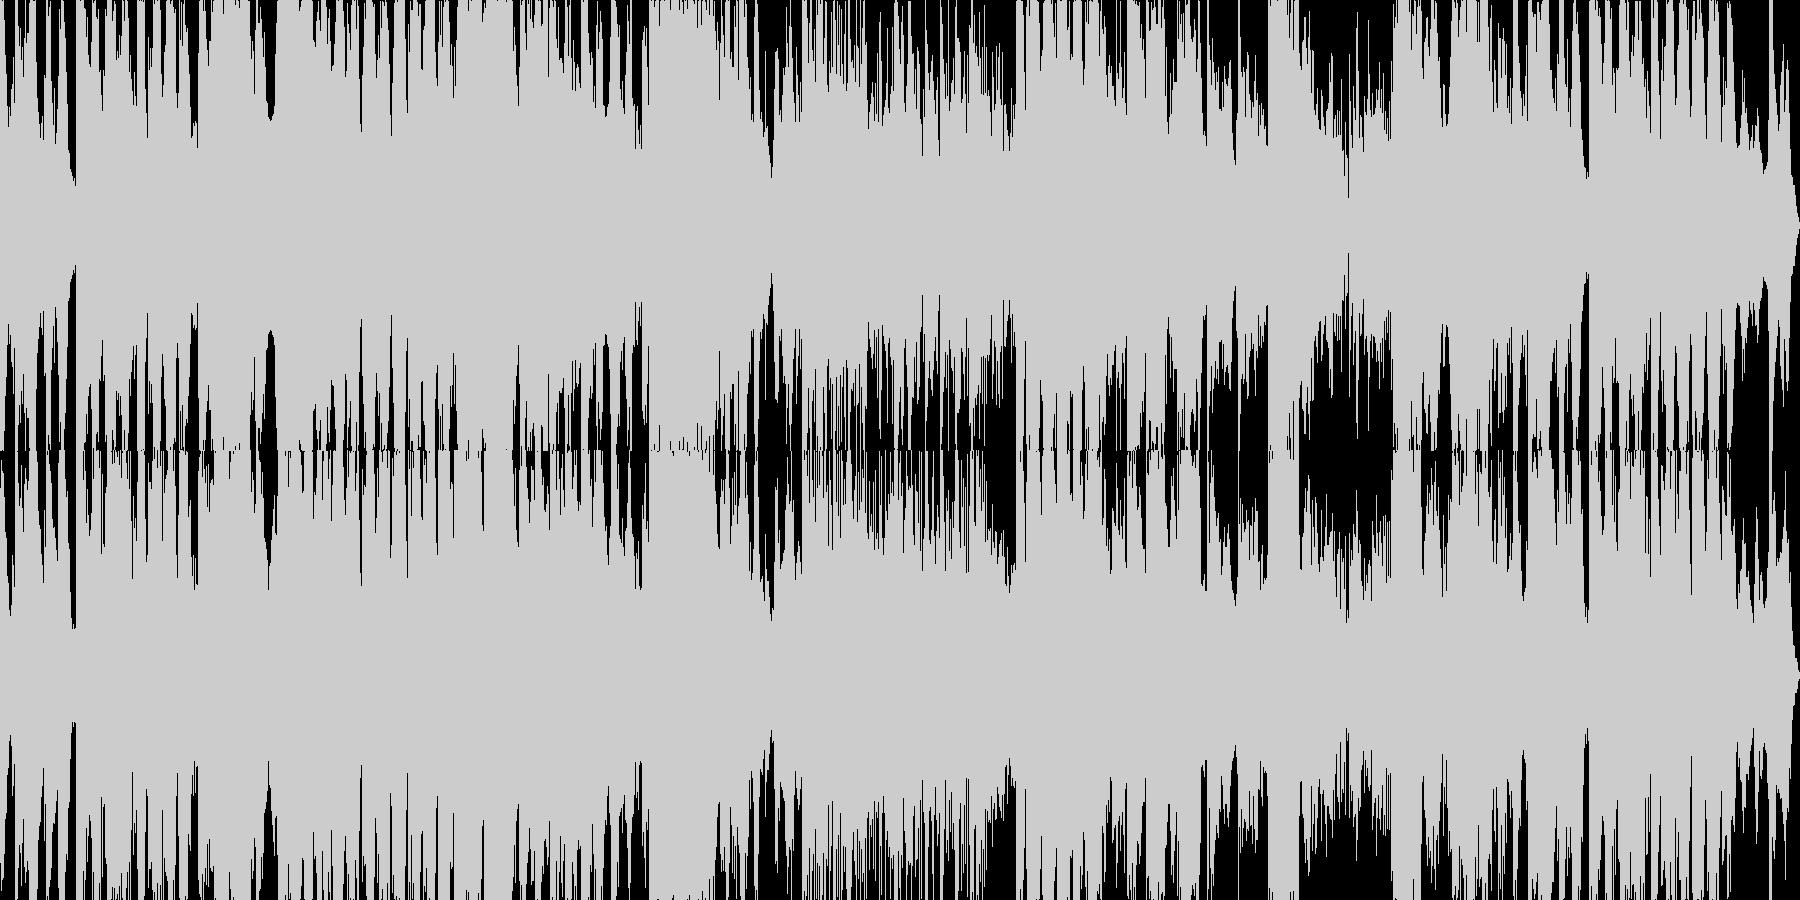 壮大な映画音楽的BGMの未再生の波形